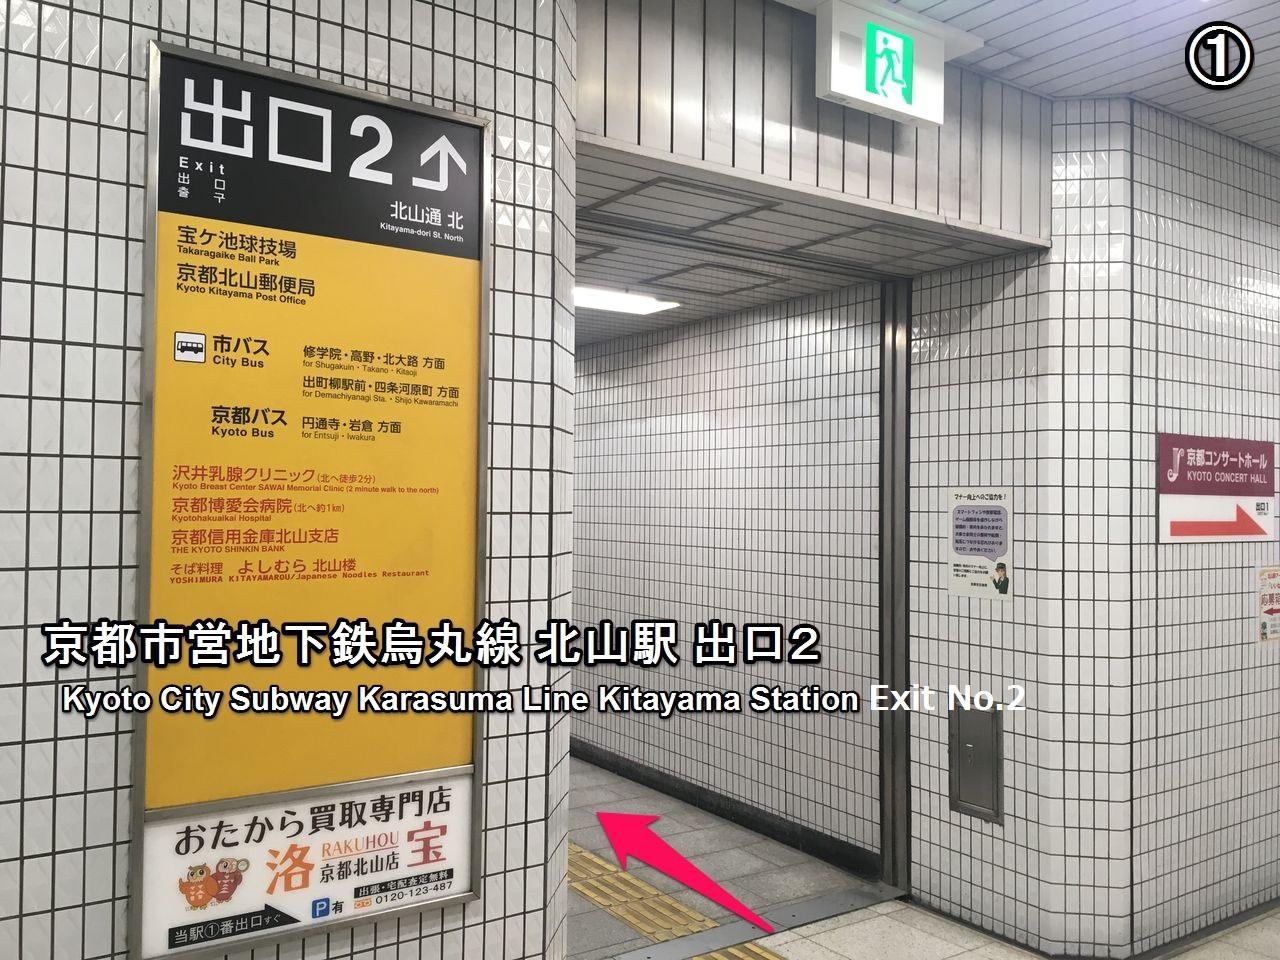 entsuji-htg-01